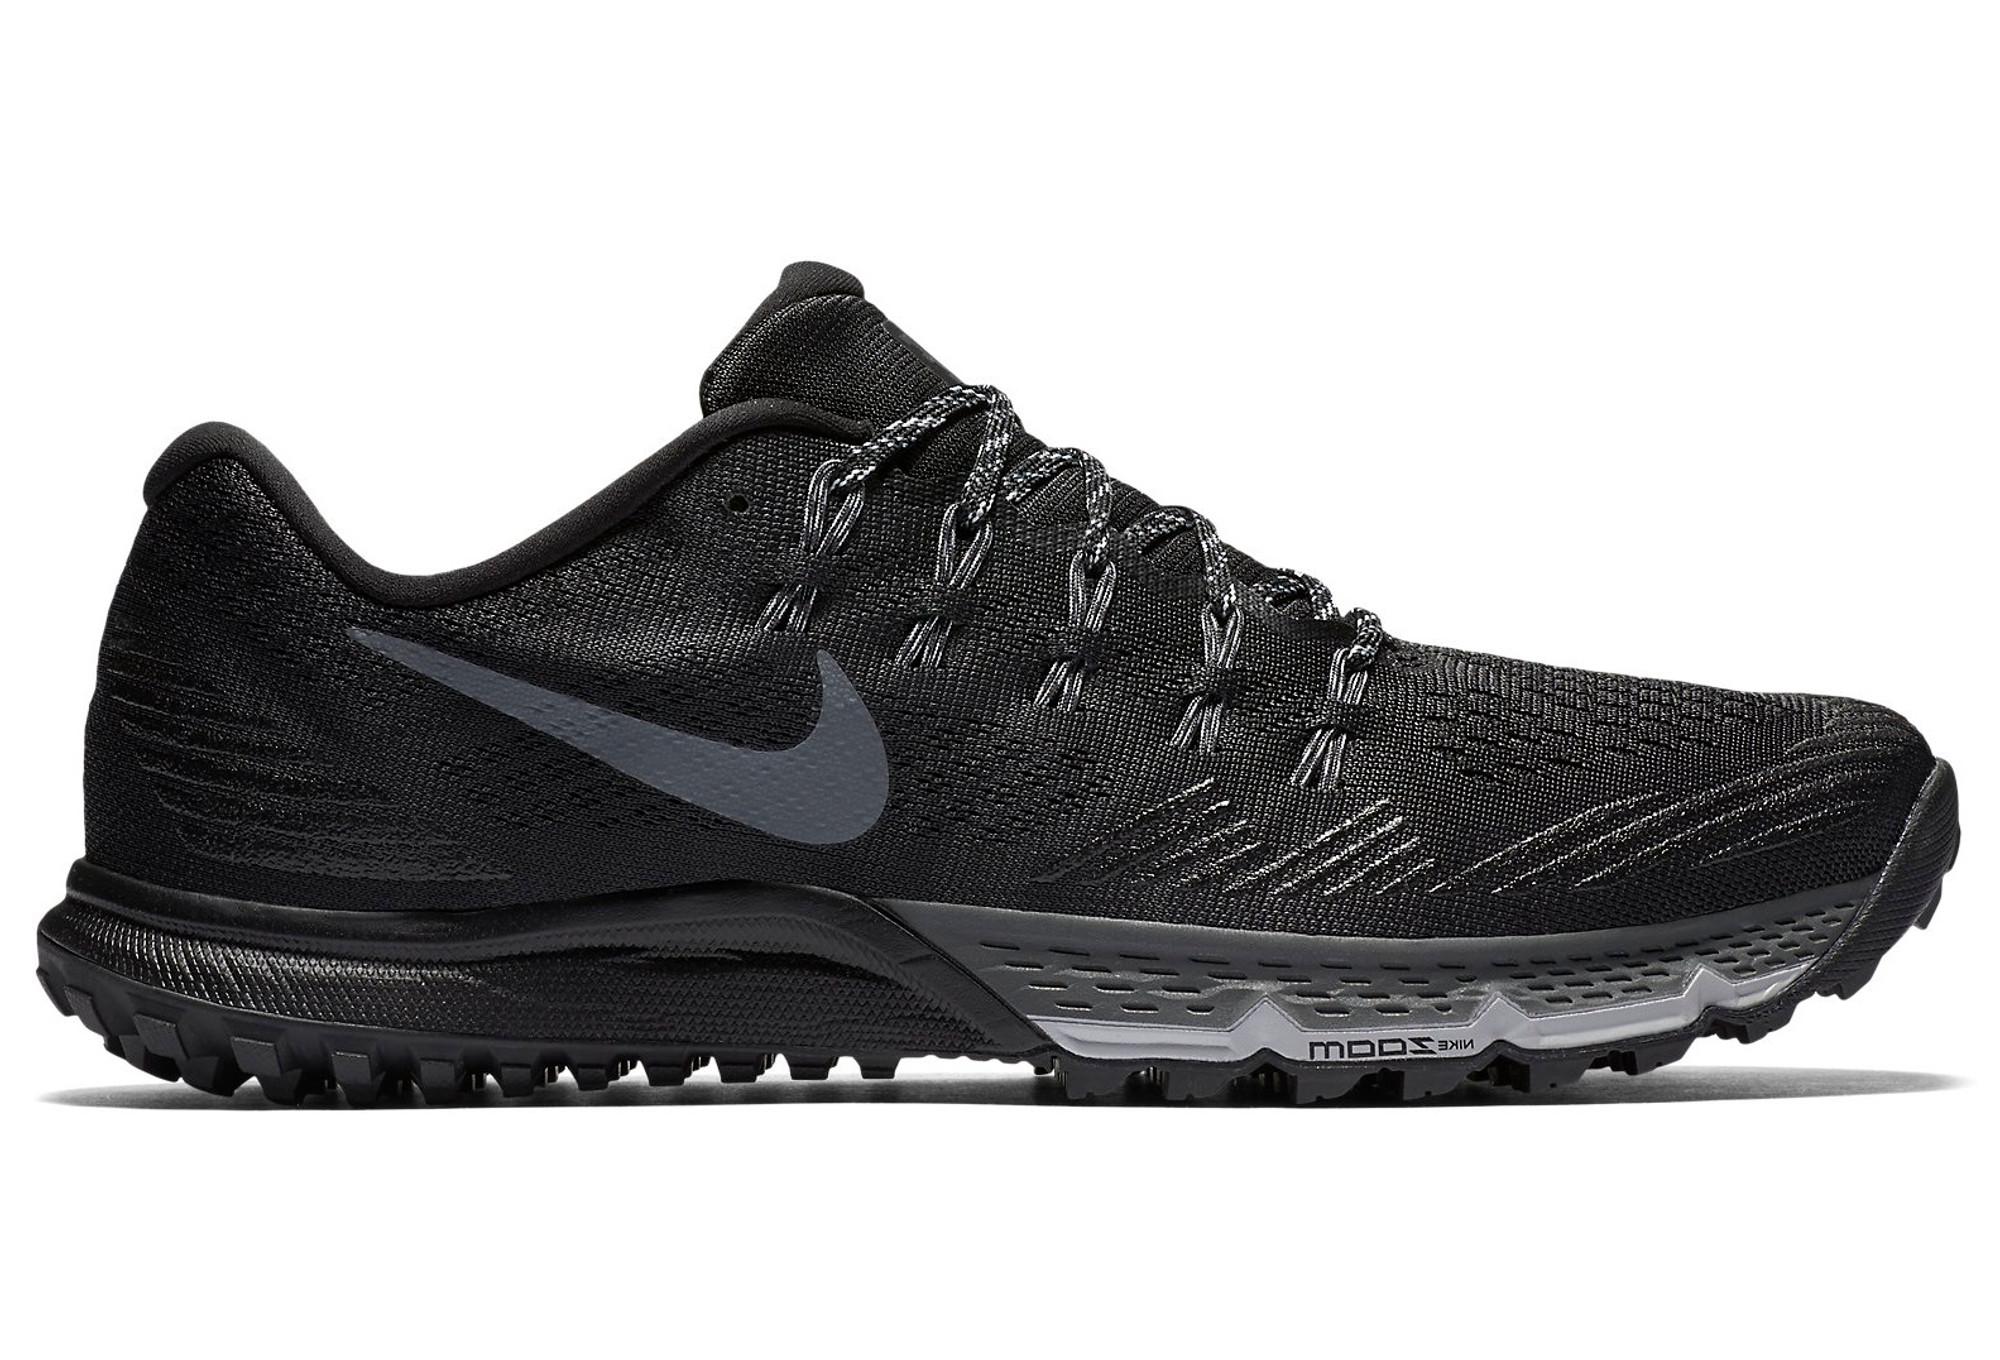 05aff7125034 NIKE ZOOM TERRA KIGER 3 Shoes Black